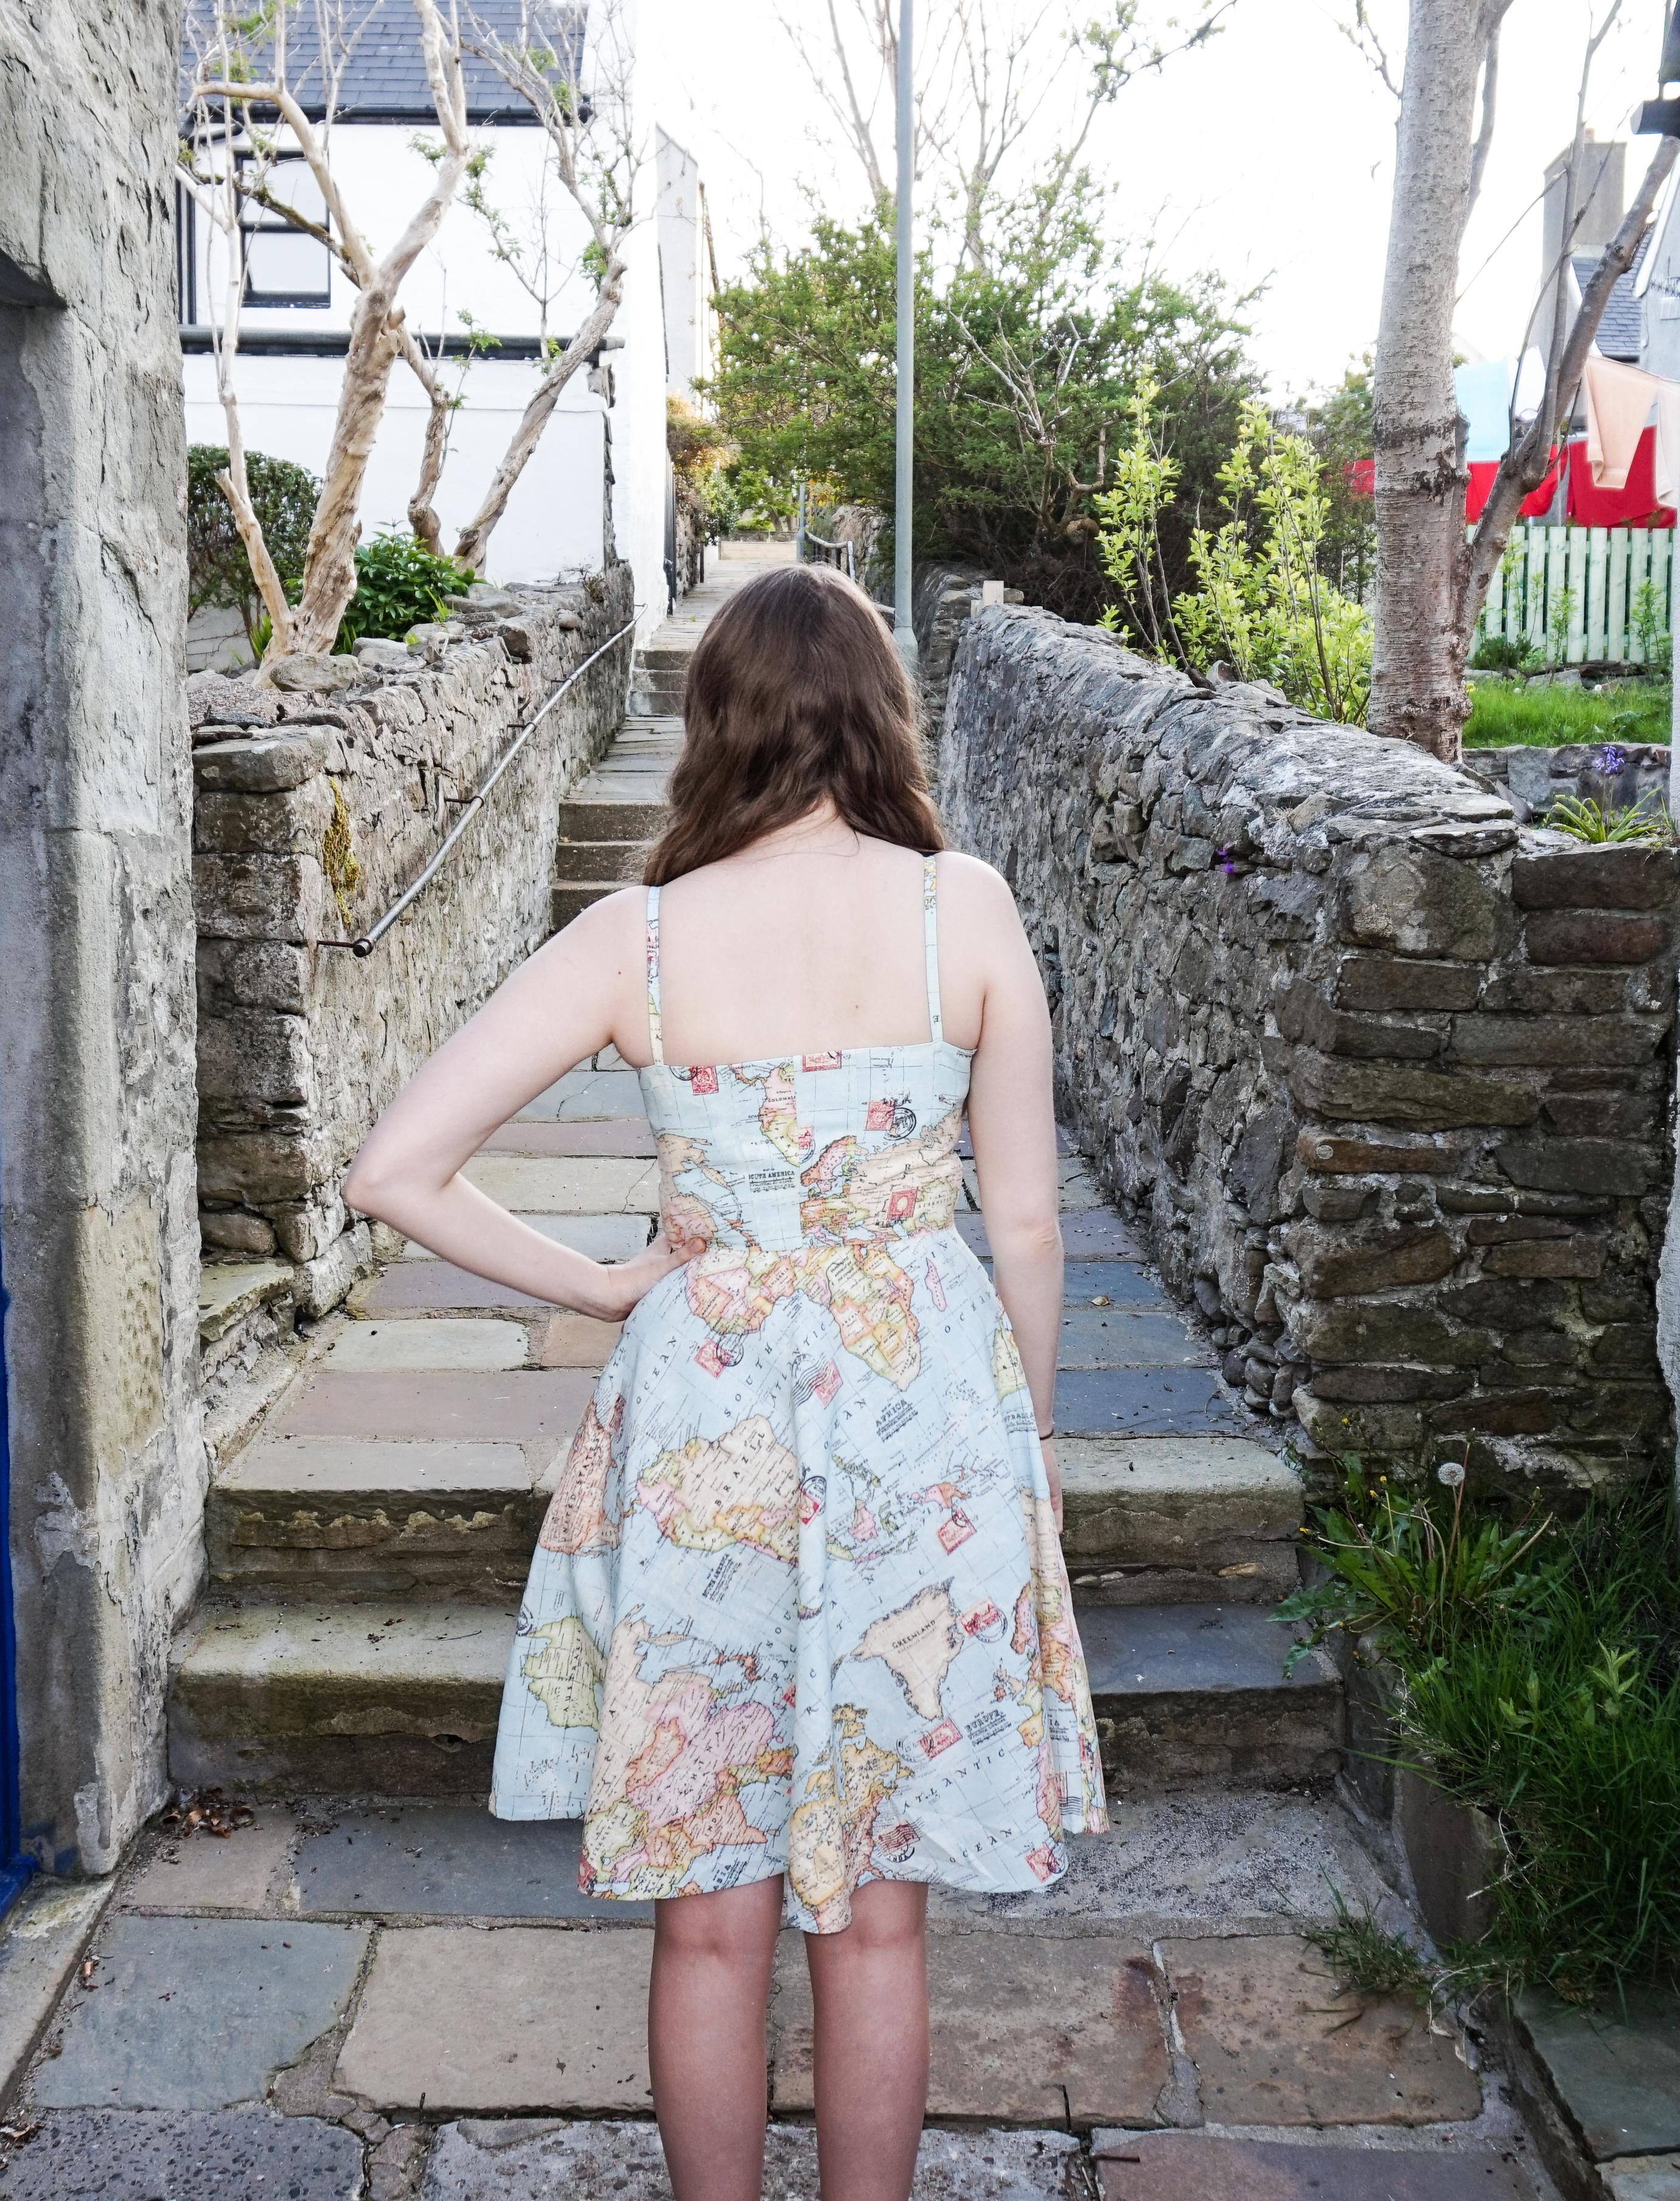 World Map Dress back view